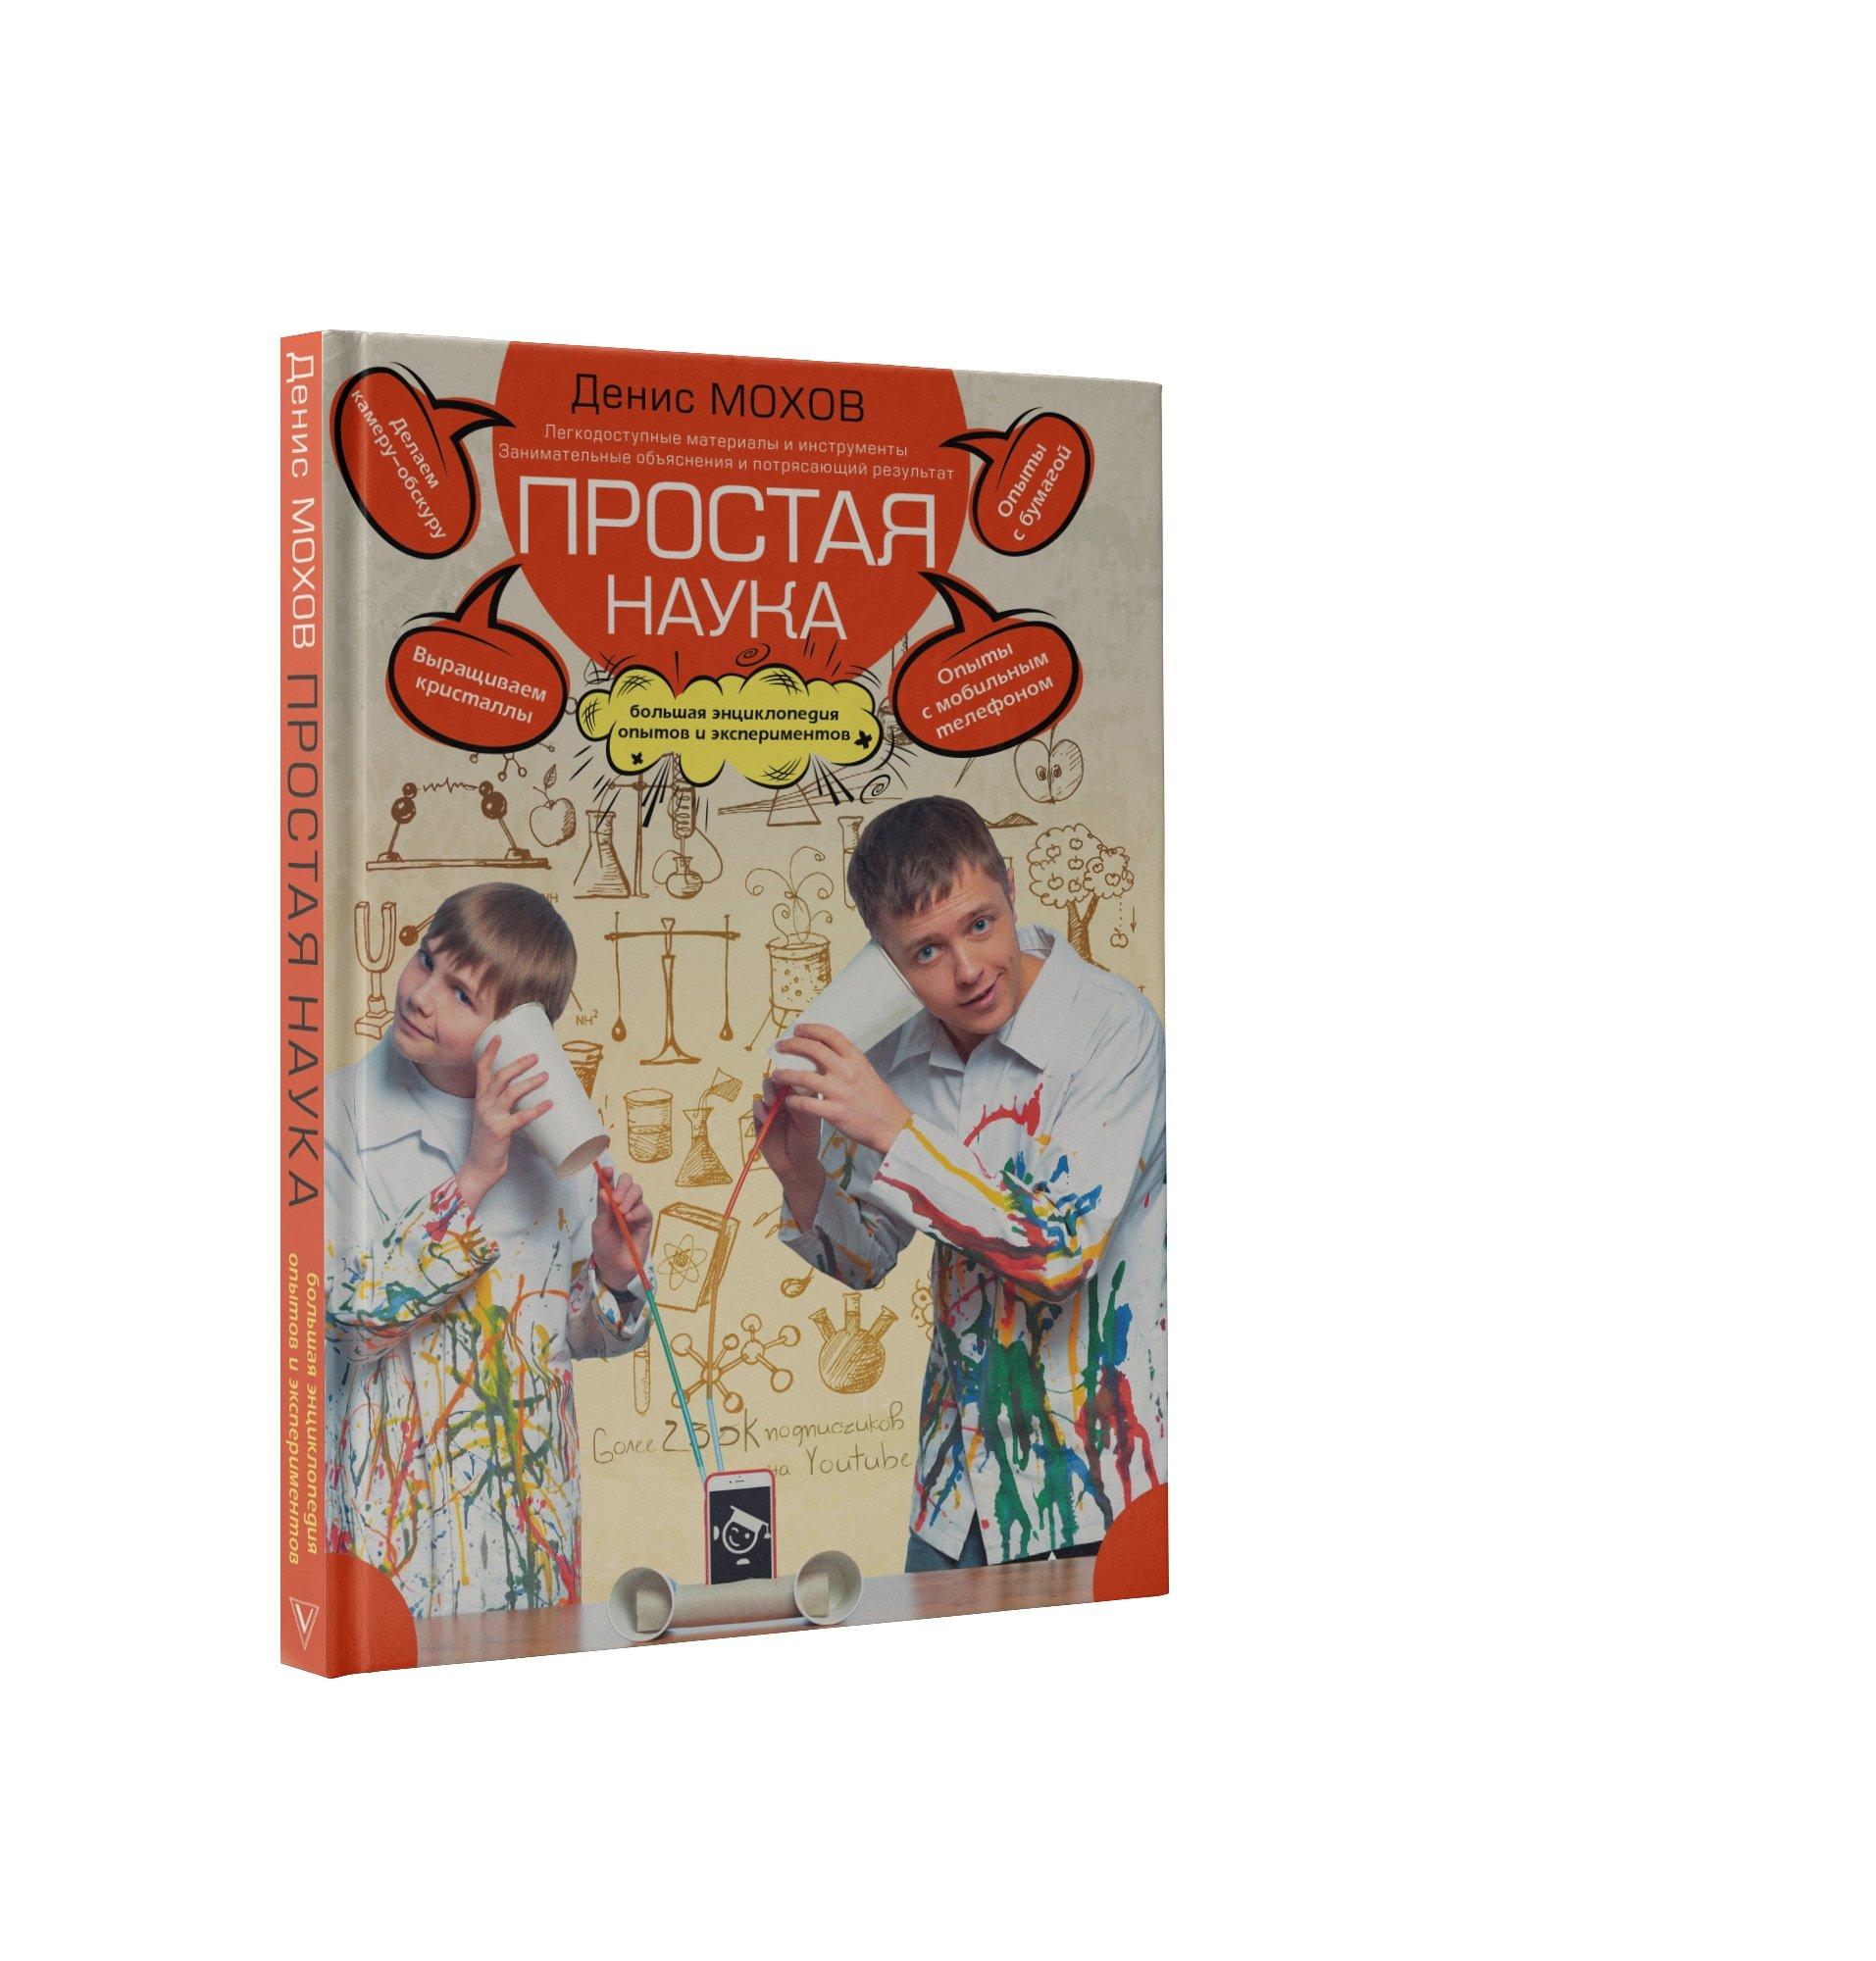 Фото - Мохов Д.А. Простая наука. Большая энциклопедия опытов и экспериментов микроскоп